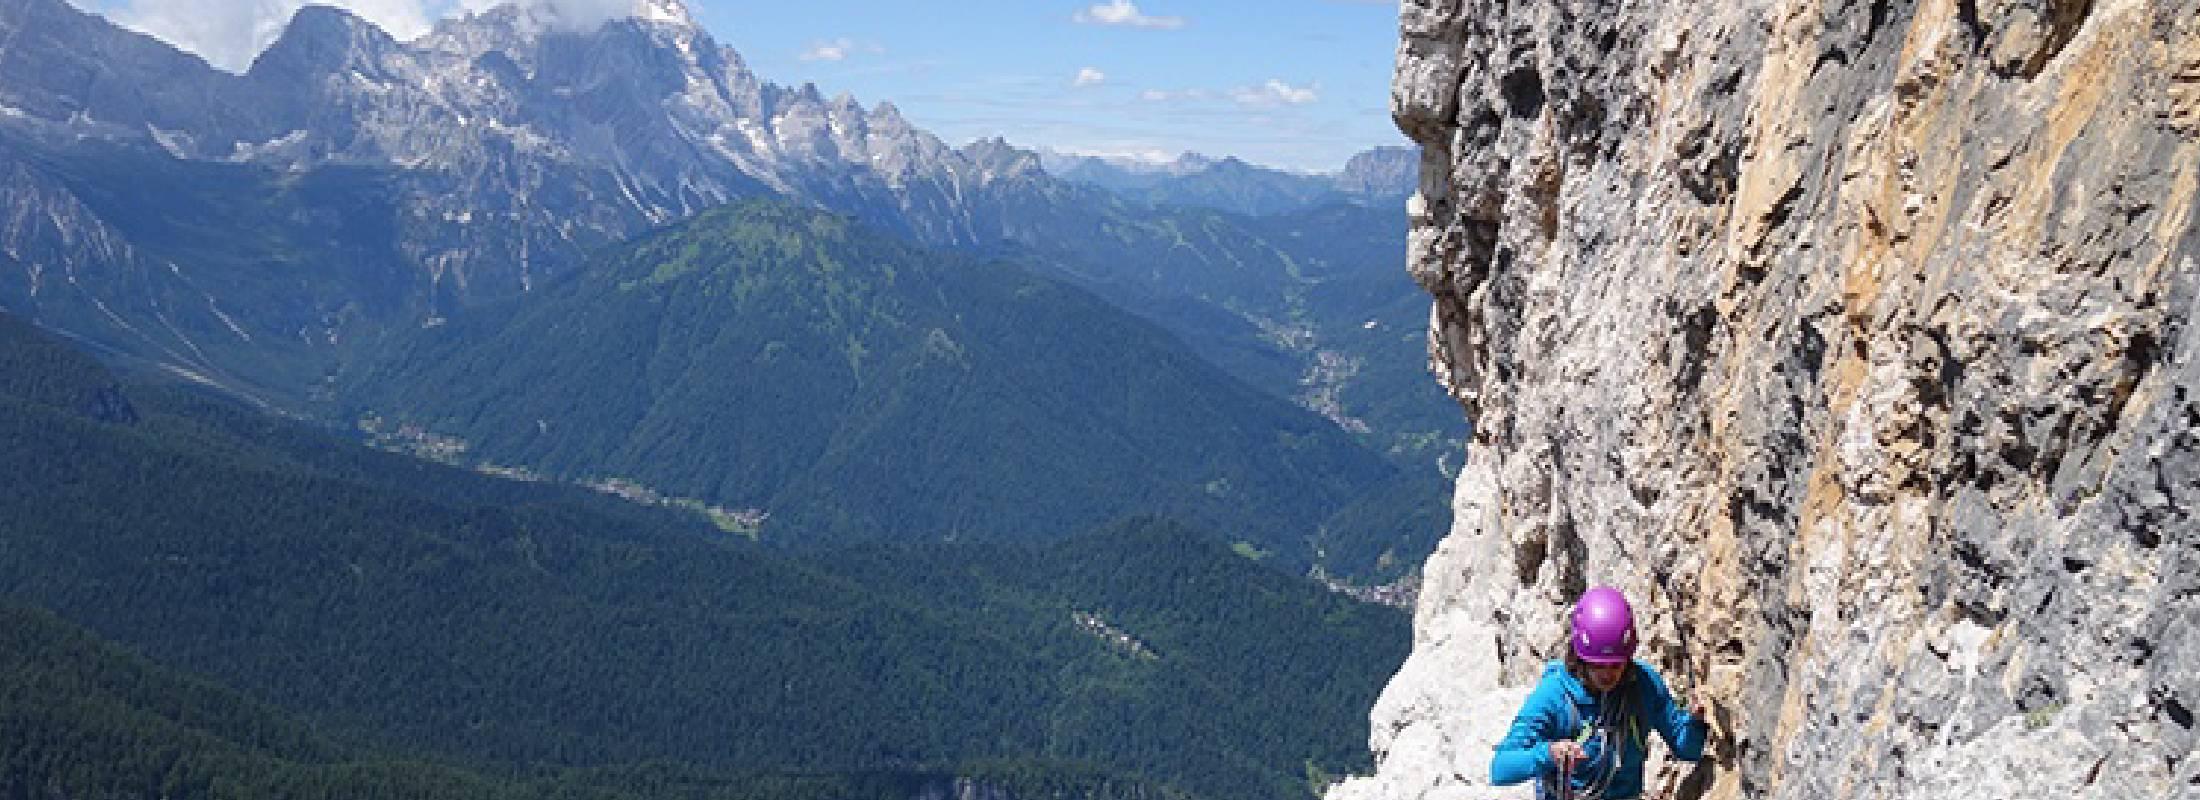 desconecta practicando la escalada en roca